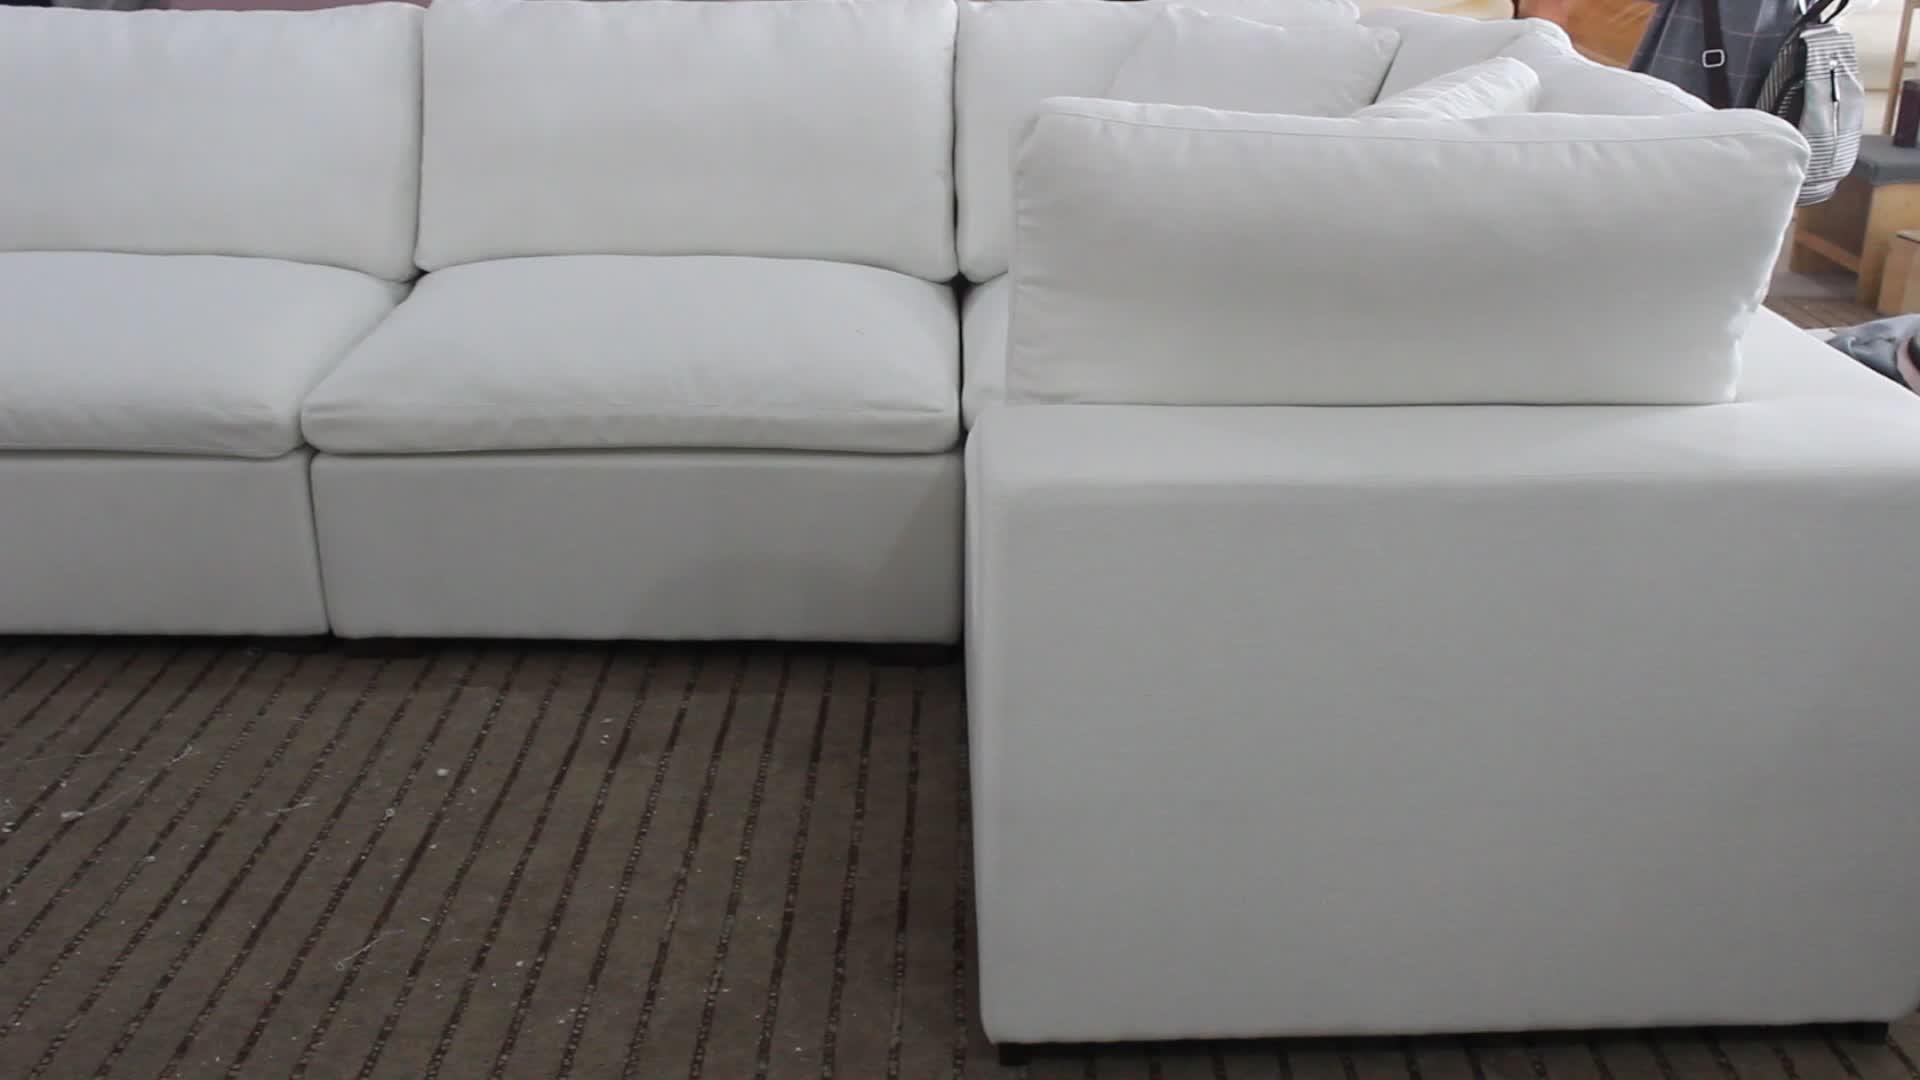 2020 novo design de móveis conjunto de sofá em forma de l sofá, sofá sala de estar sofá moderno